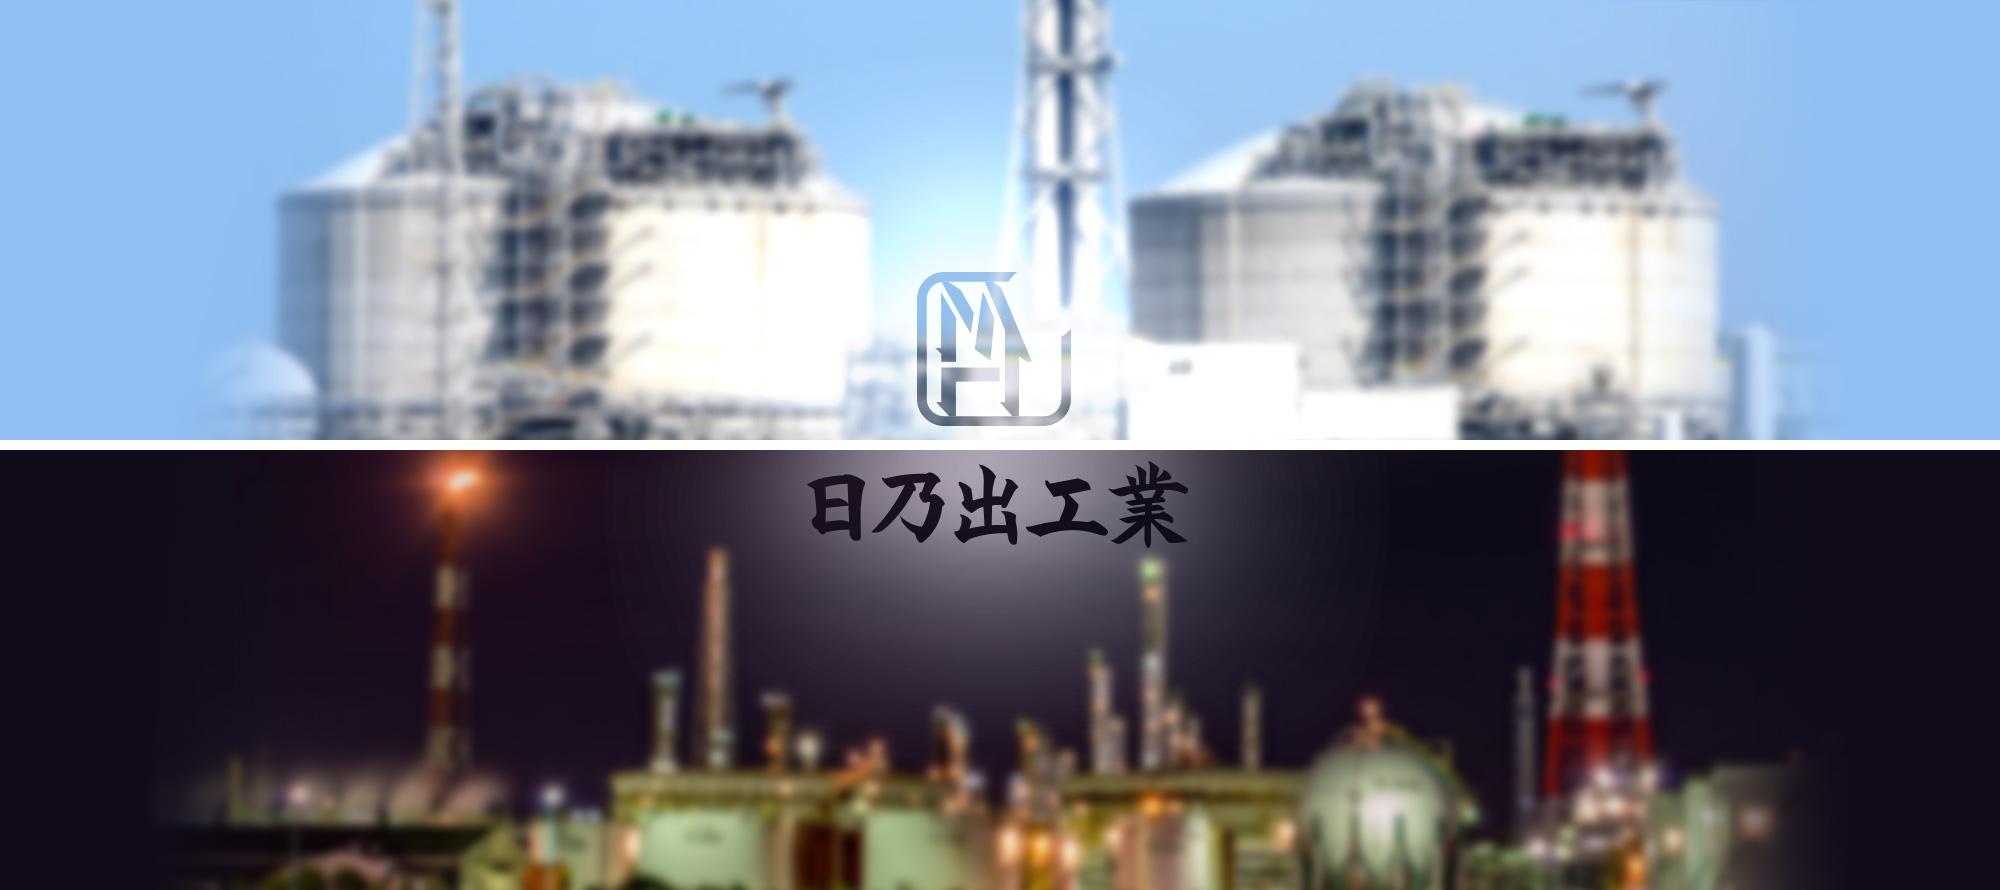 日乃出工業